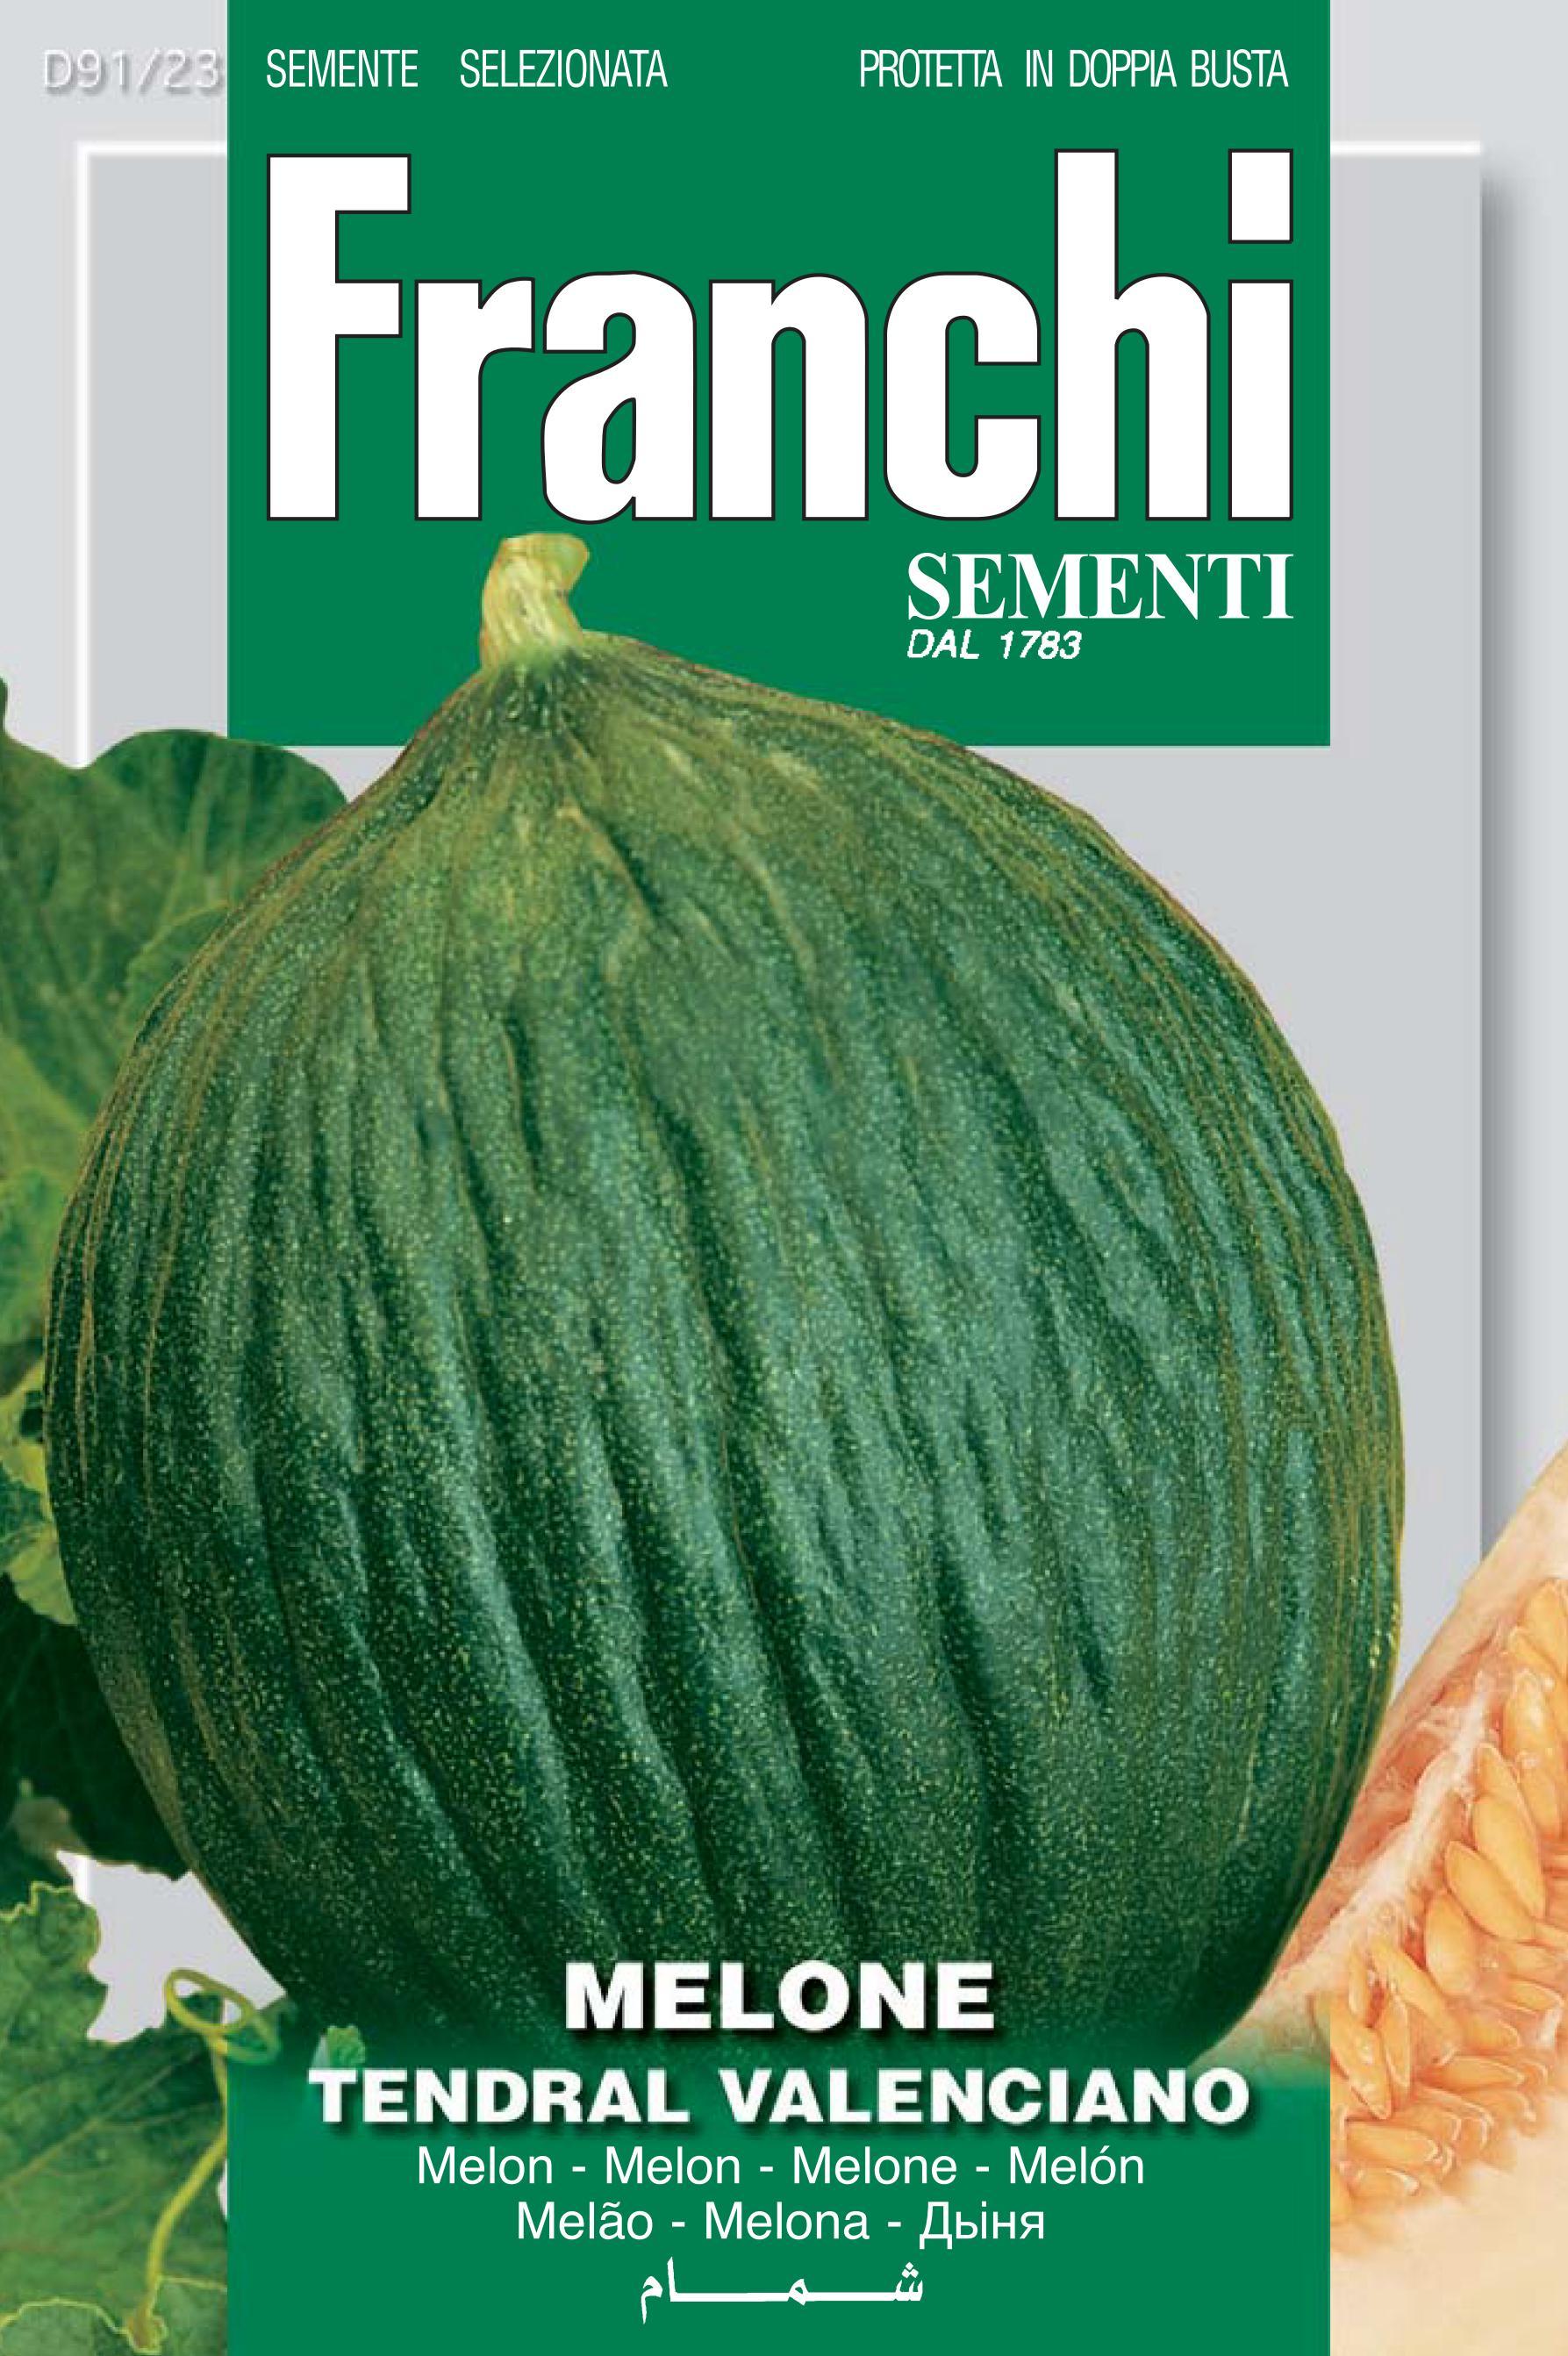 Melon tendral valeciano